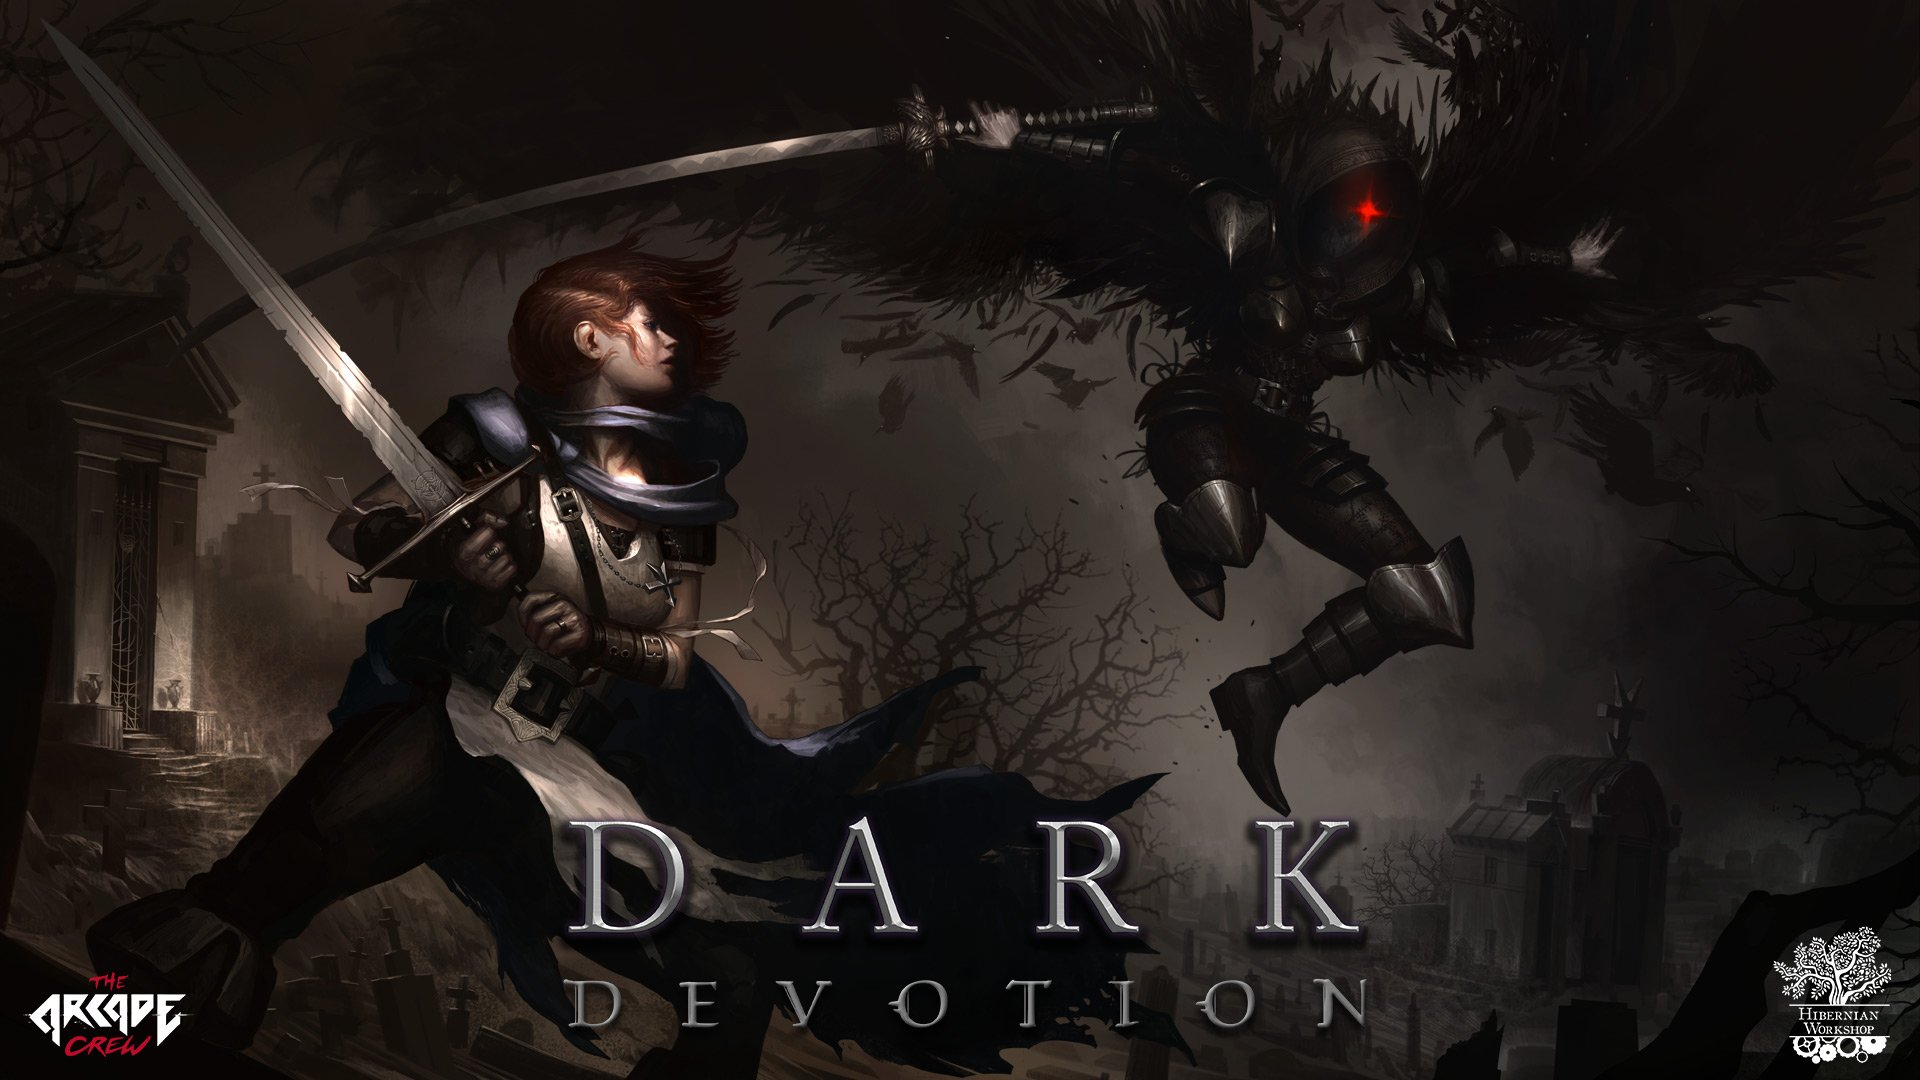 Action-RPG Dark Devotion promises doom, gloom, and plenty of bosses screenshot